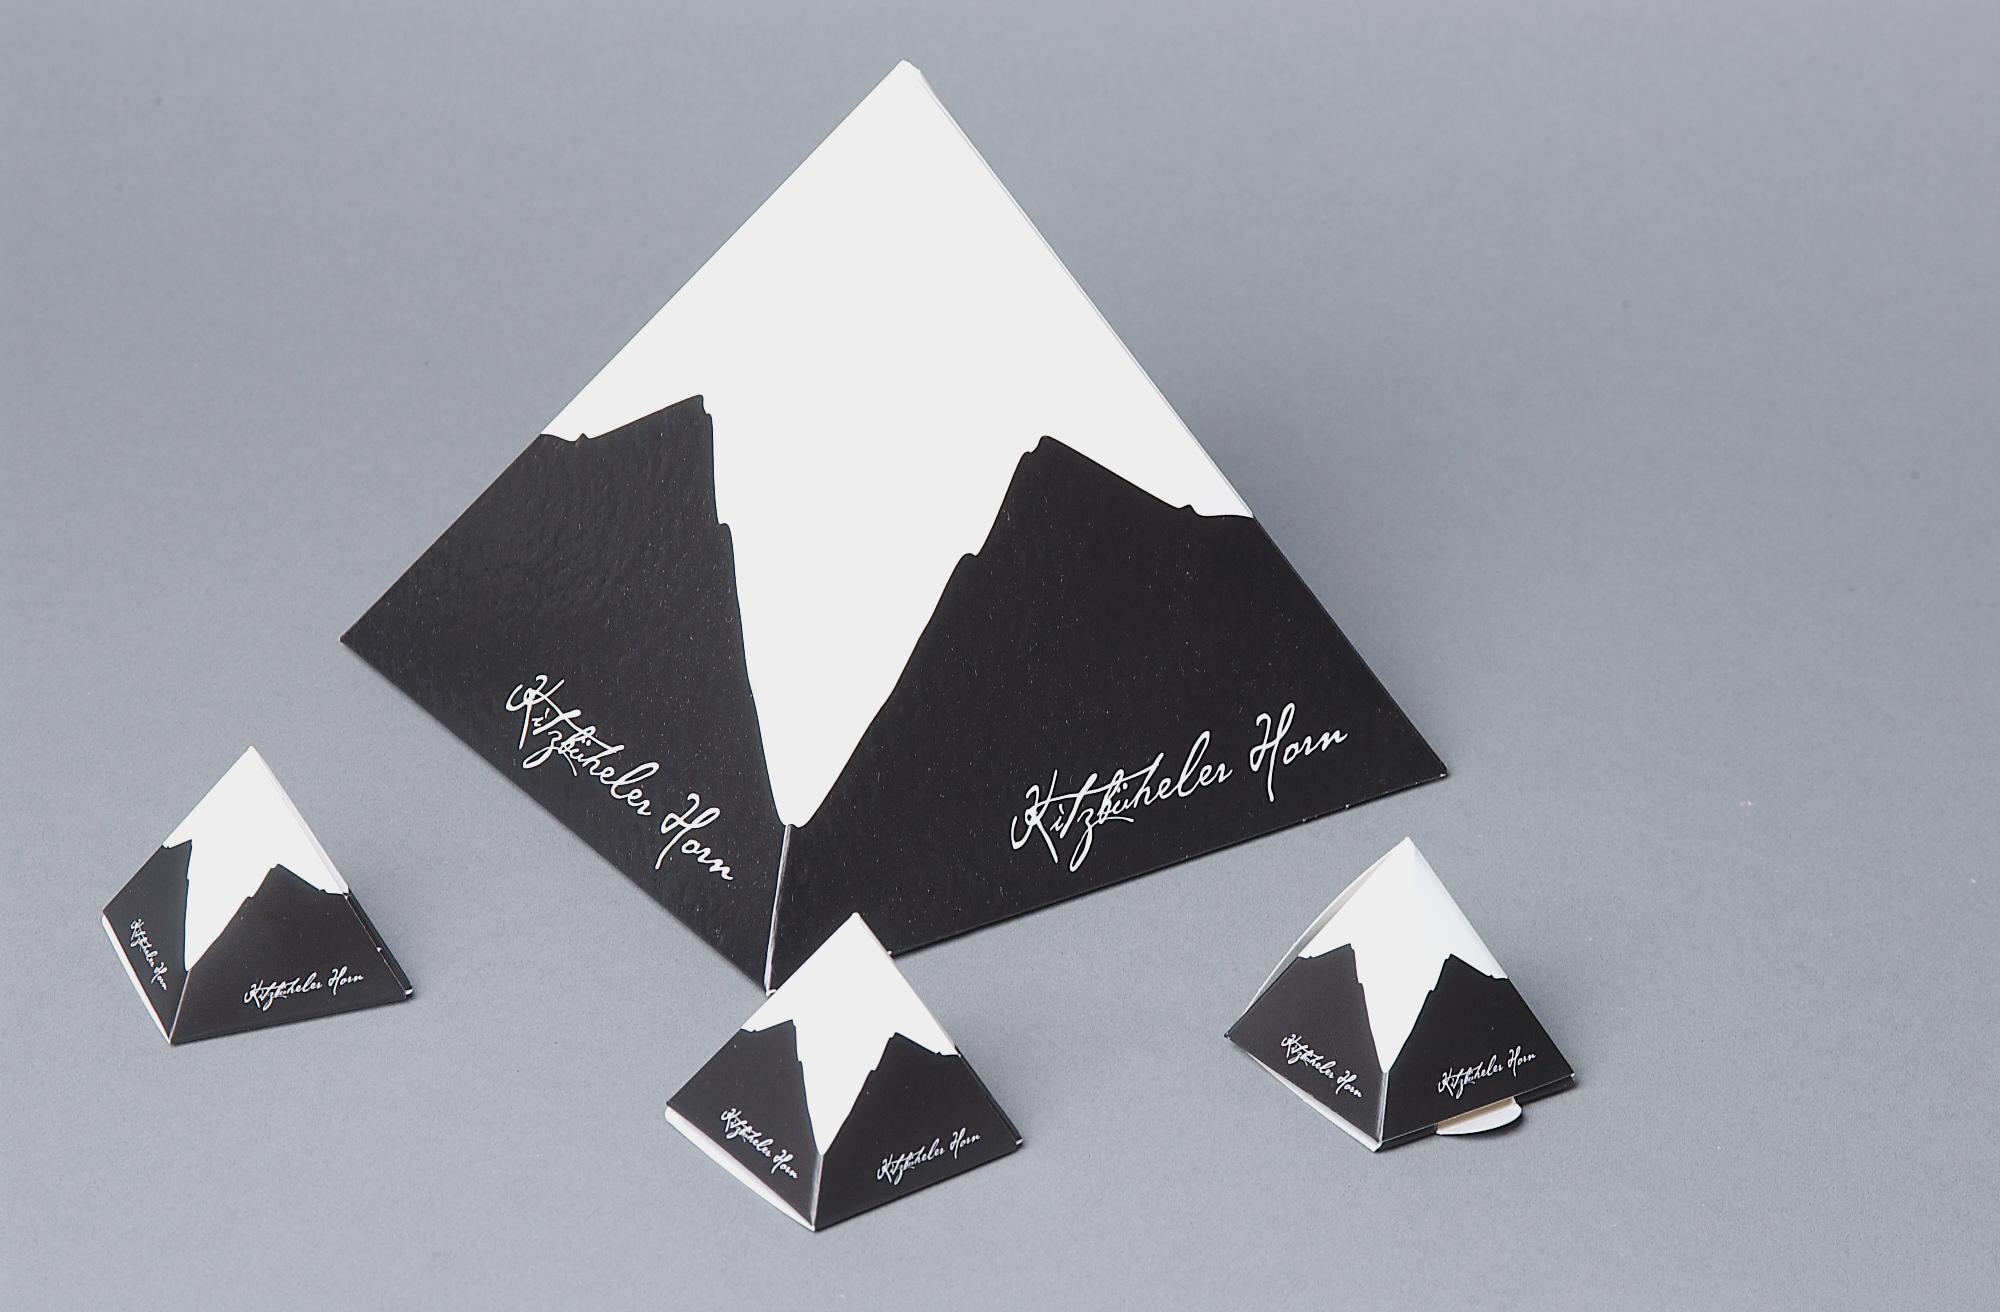 Mayr-Melnhof Packaging Austria GmbH 10